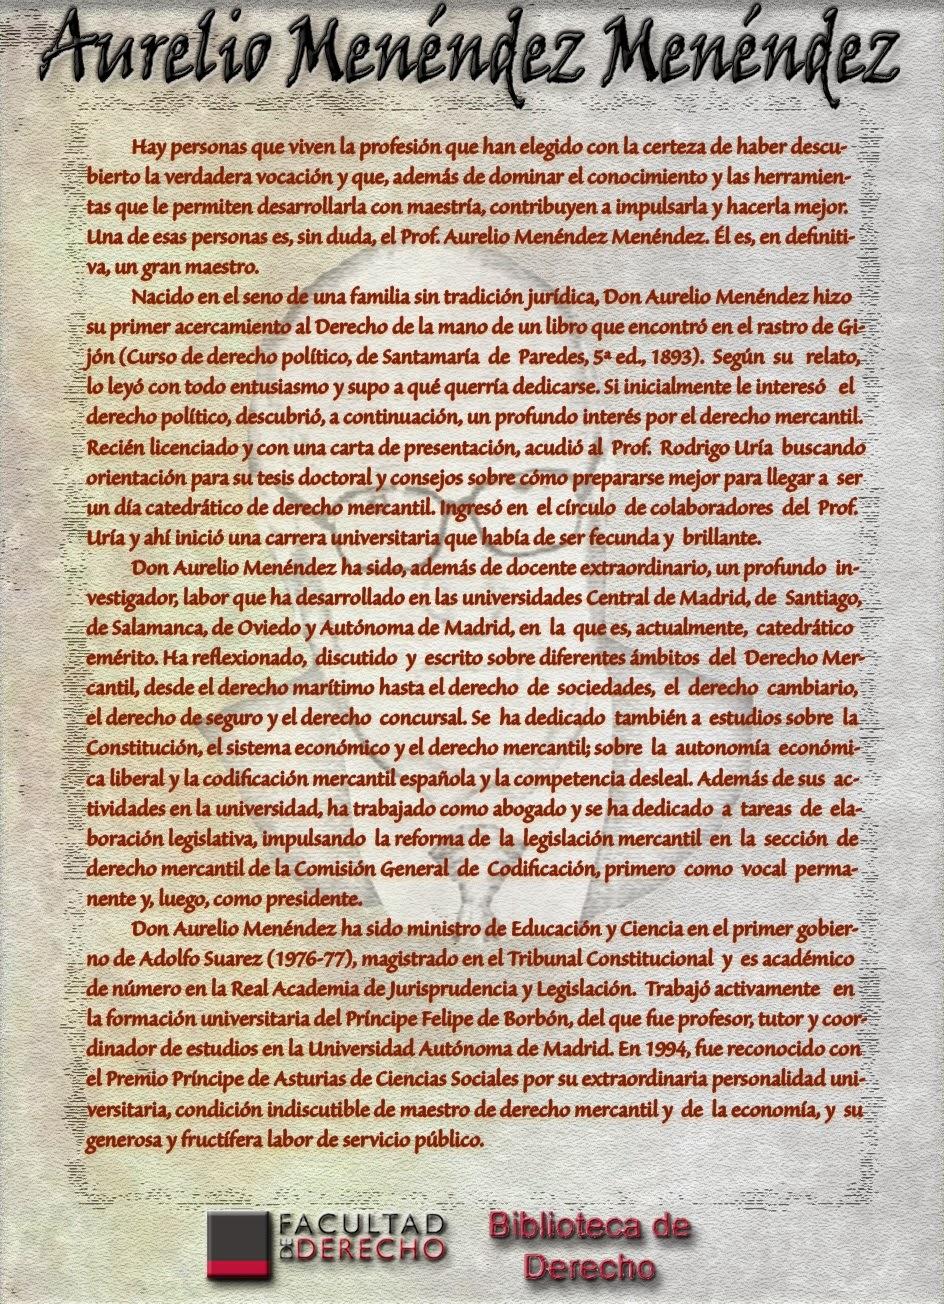 http://biblioteca.uam.es/derecho/imagenes/visita/aurelio_menendez.jpg